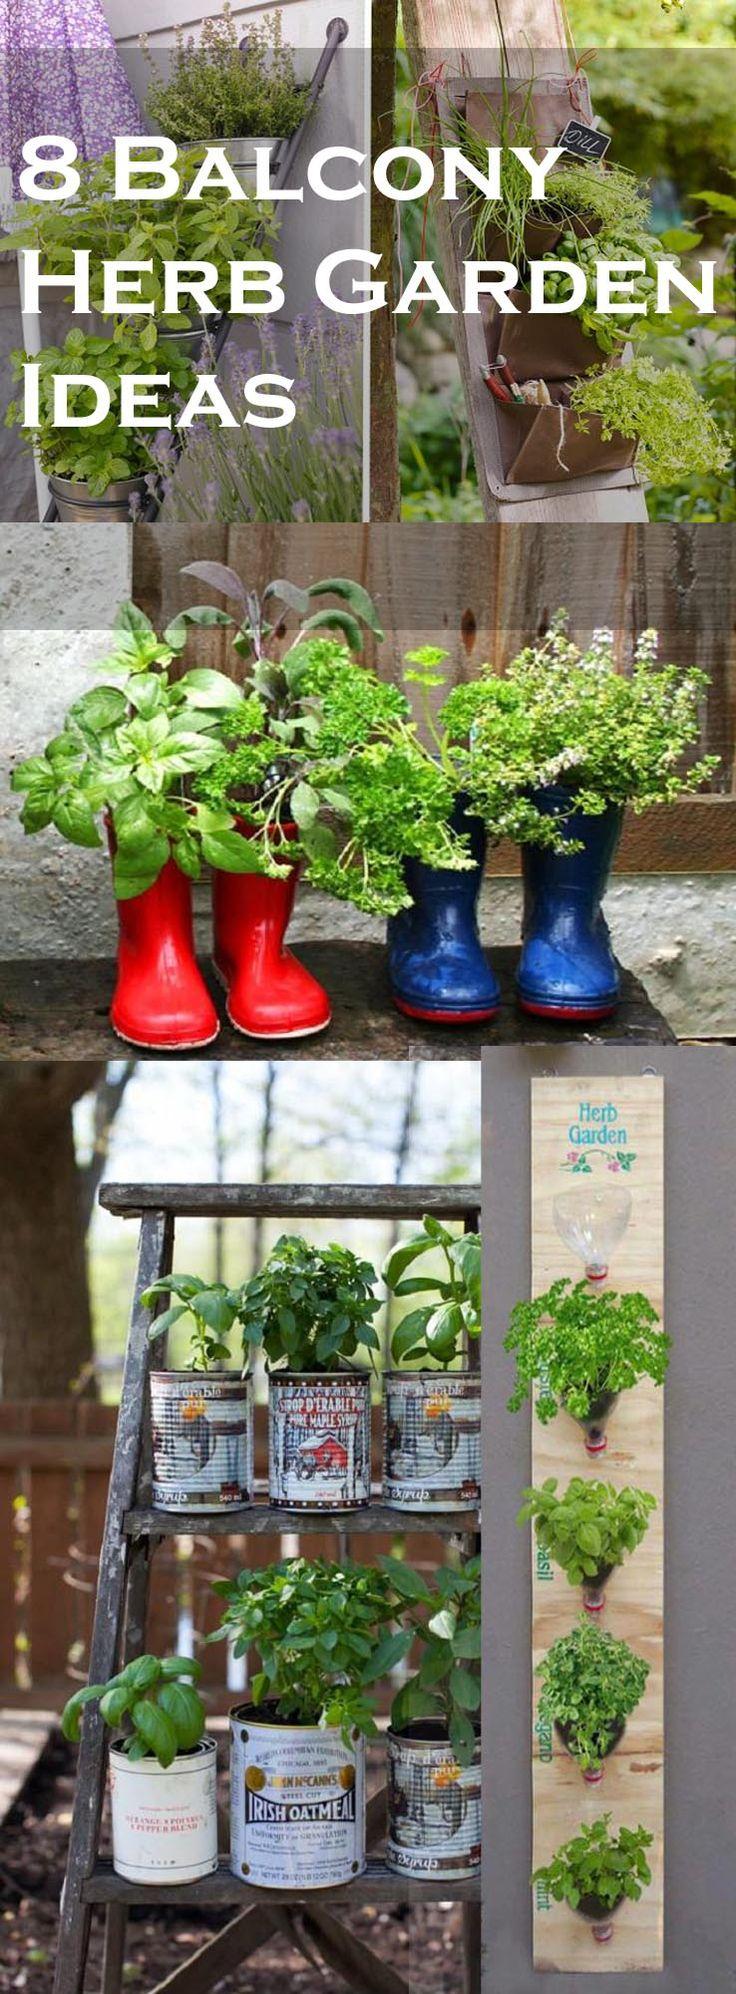 96da8e262811408c609b694e398757e4 balcony herb garden ideas small spaces balcony herb garden apartment